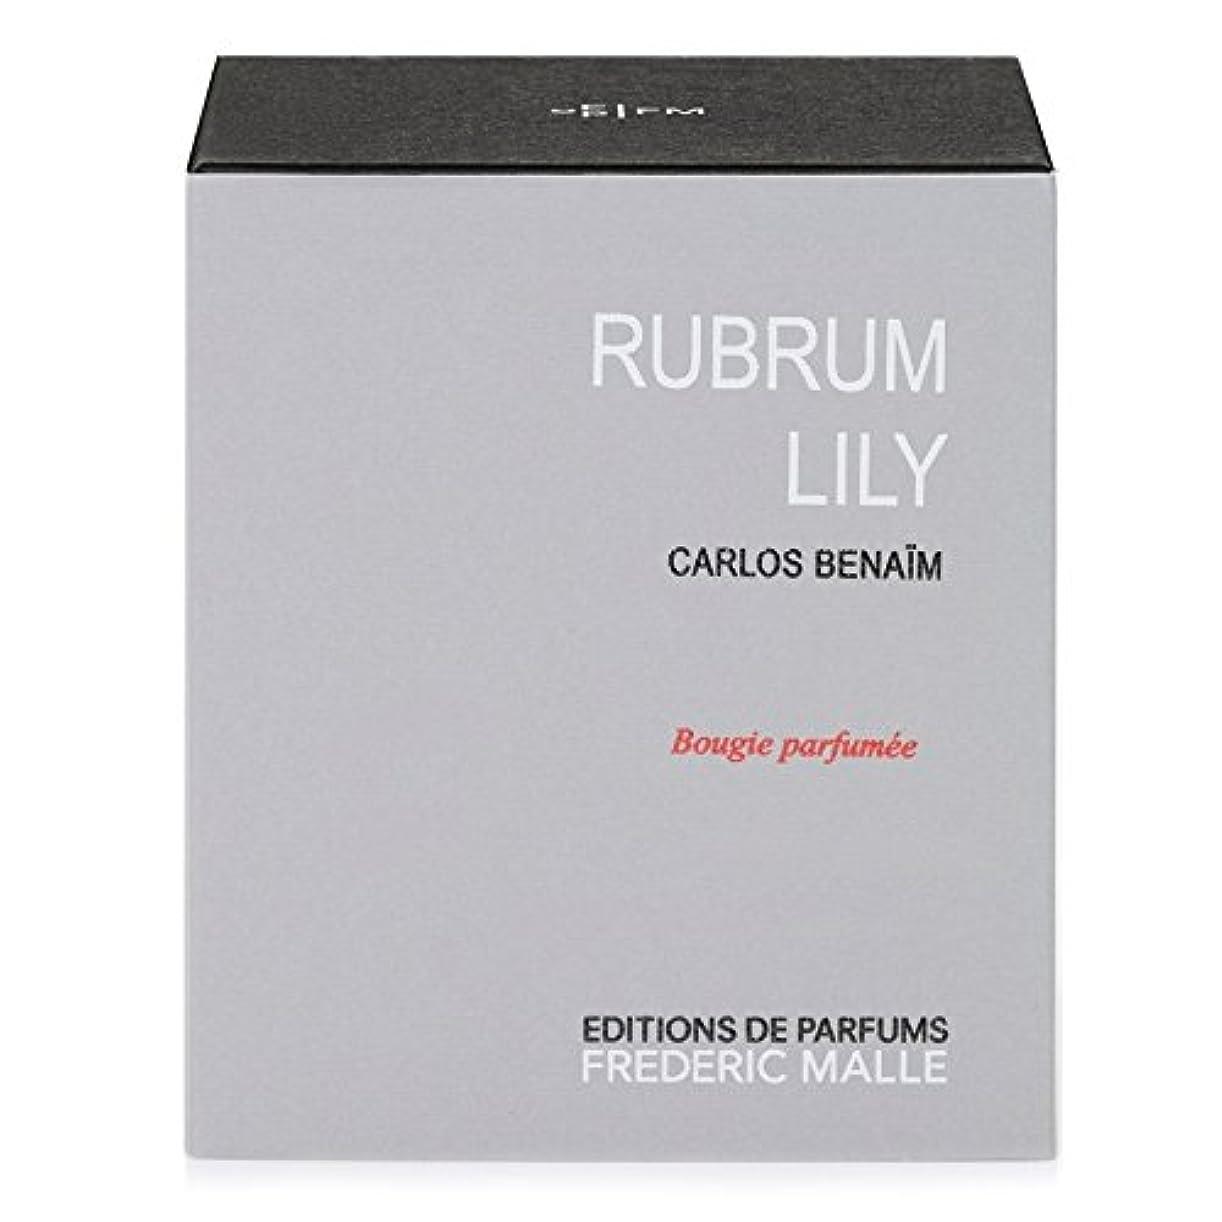 協会ヒールなのでFrederic Malle Rubrum Lily Scented Candle (Pack of 2) - フレデリック?マルルブルムユリの香りのキャンドル x2 [並行輸入品]